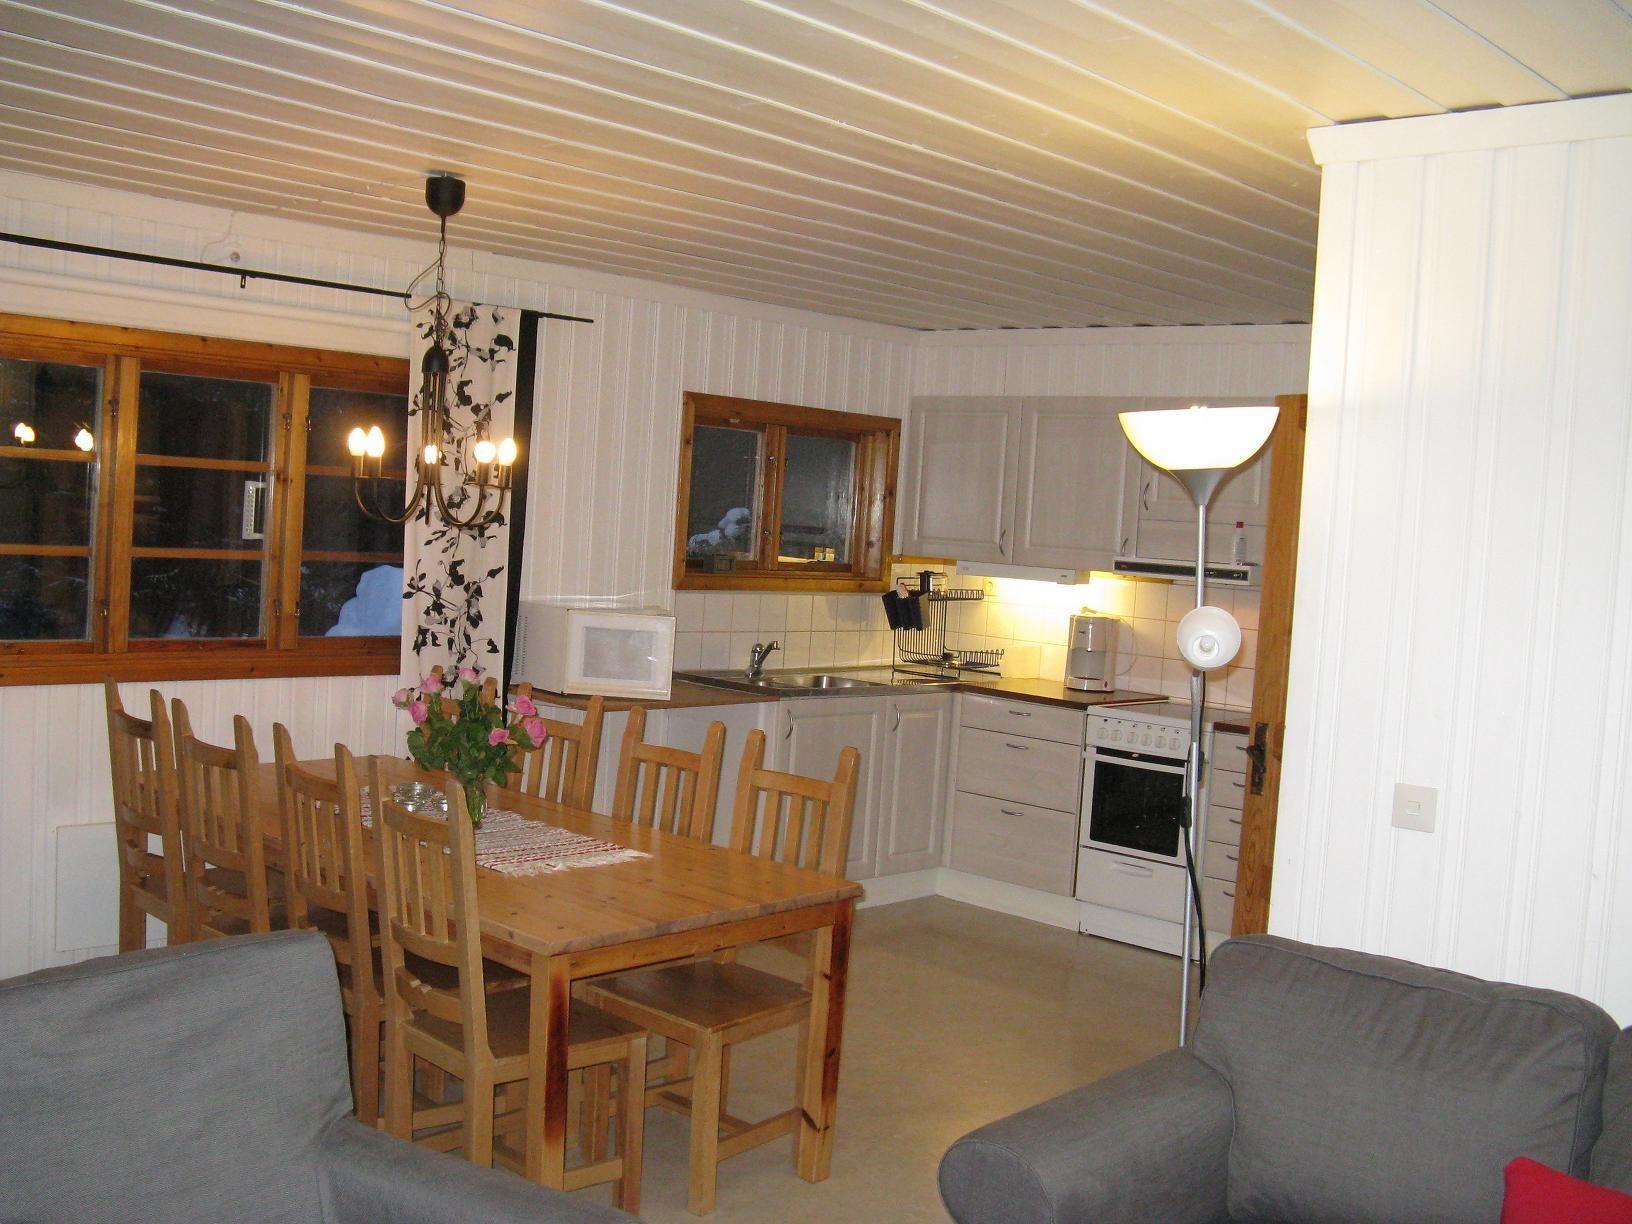 Kåvanstugorna Cottages